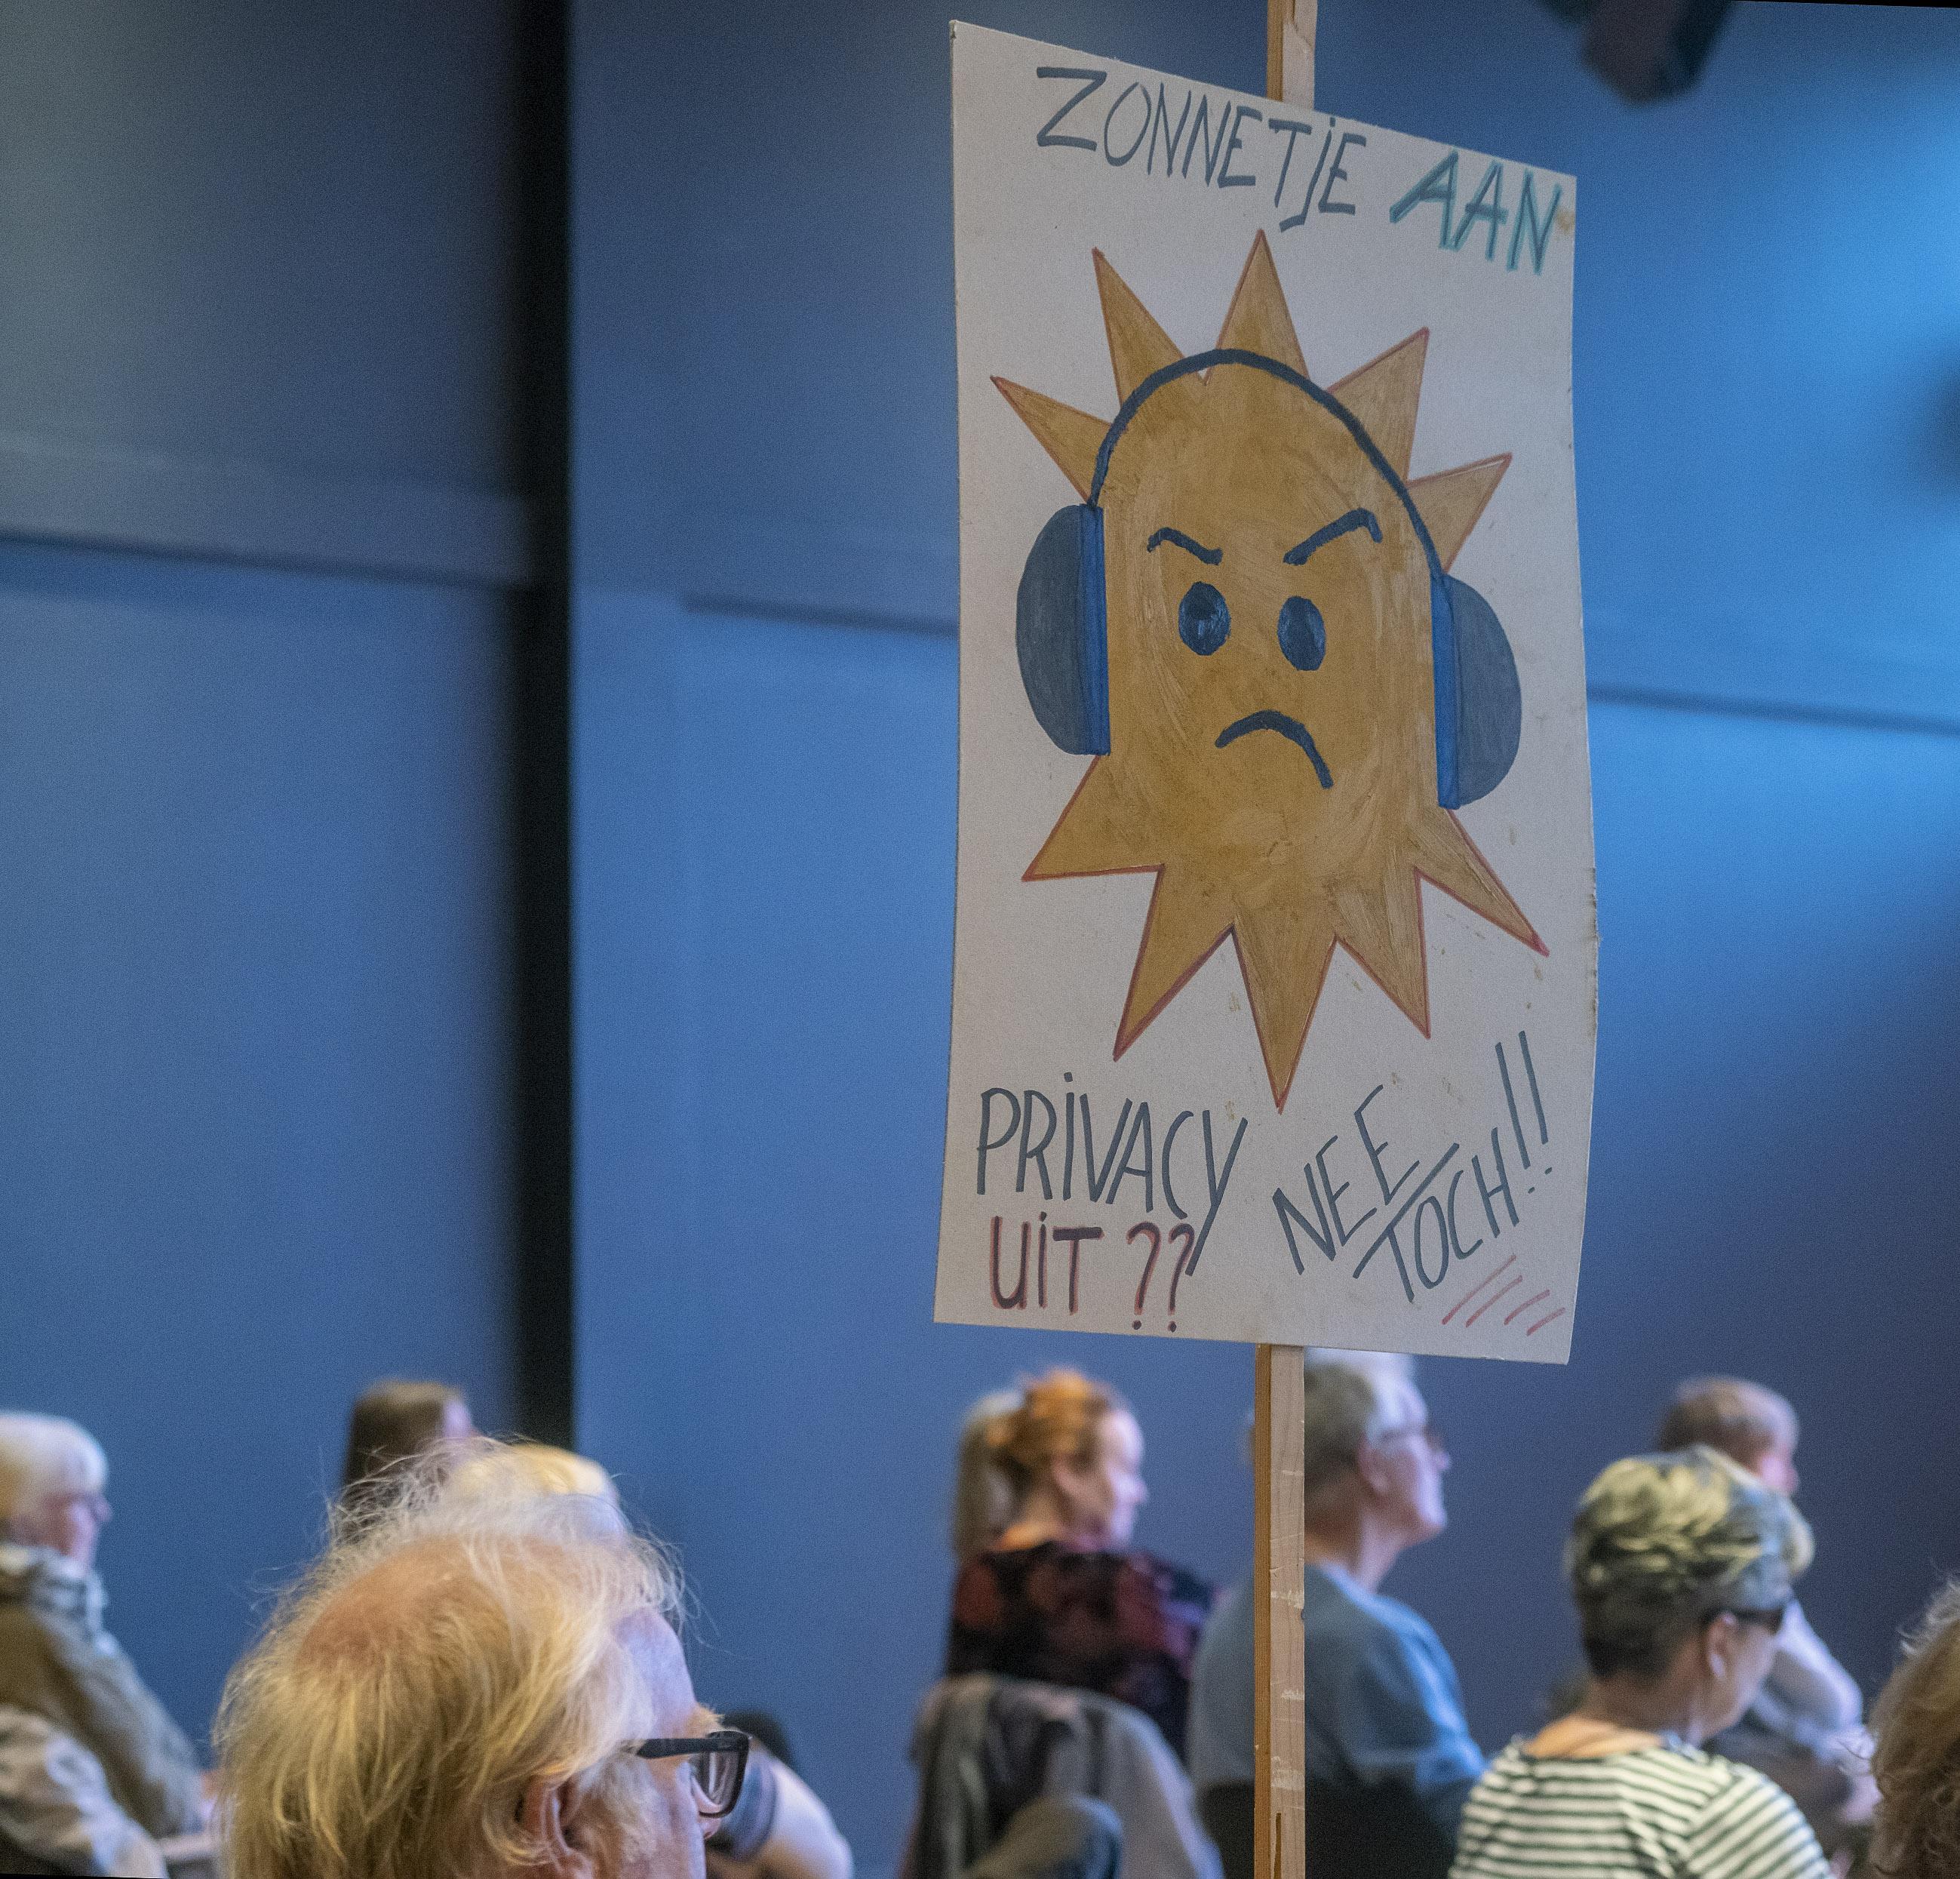 Alkmaar pakt overlast Clarissenbolwerk aan met verboden en meer toezicht. Geen herrie, poep opruimen en geen vuurtjes meer